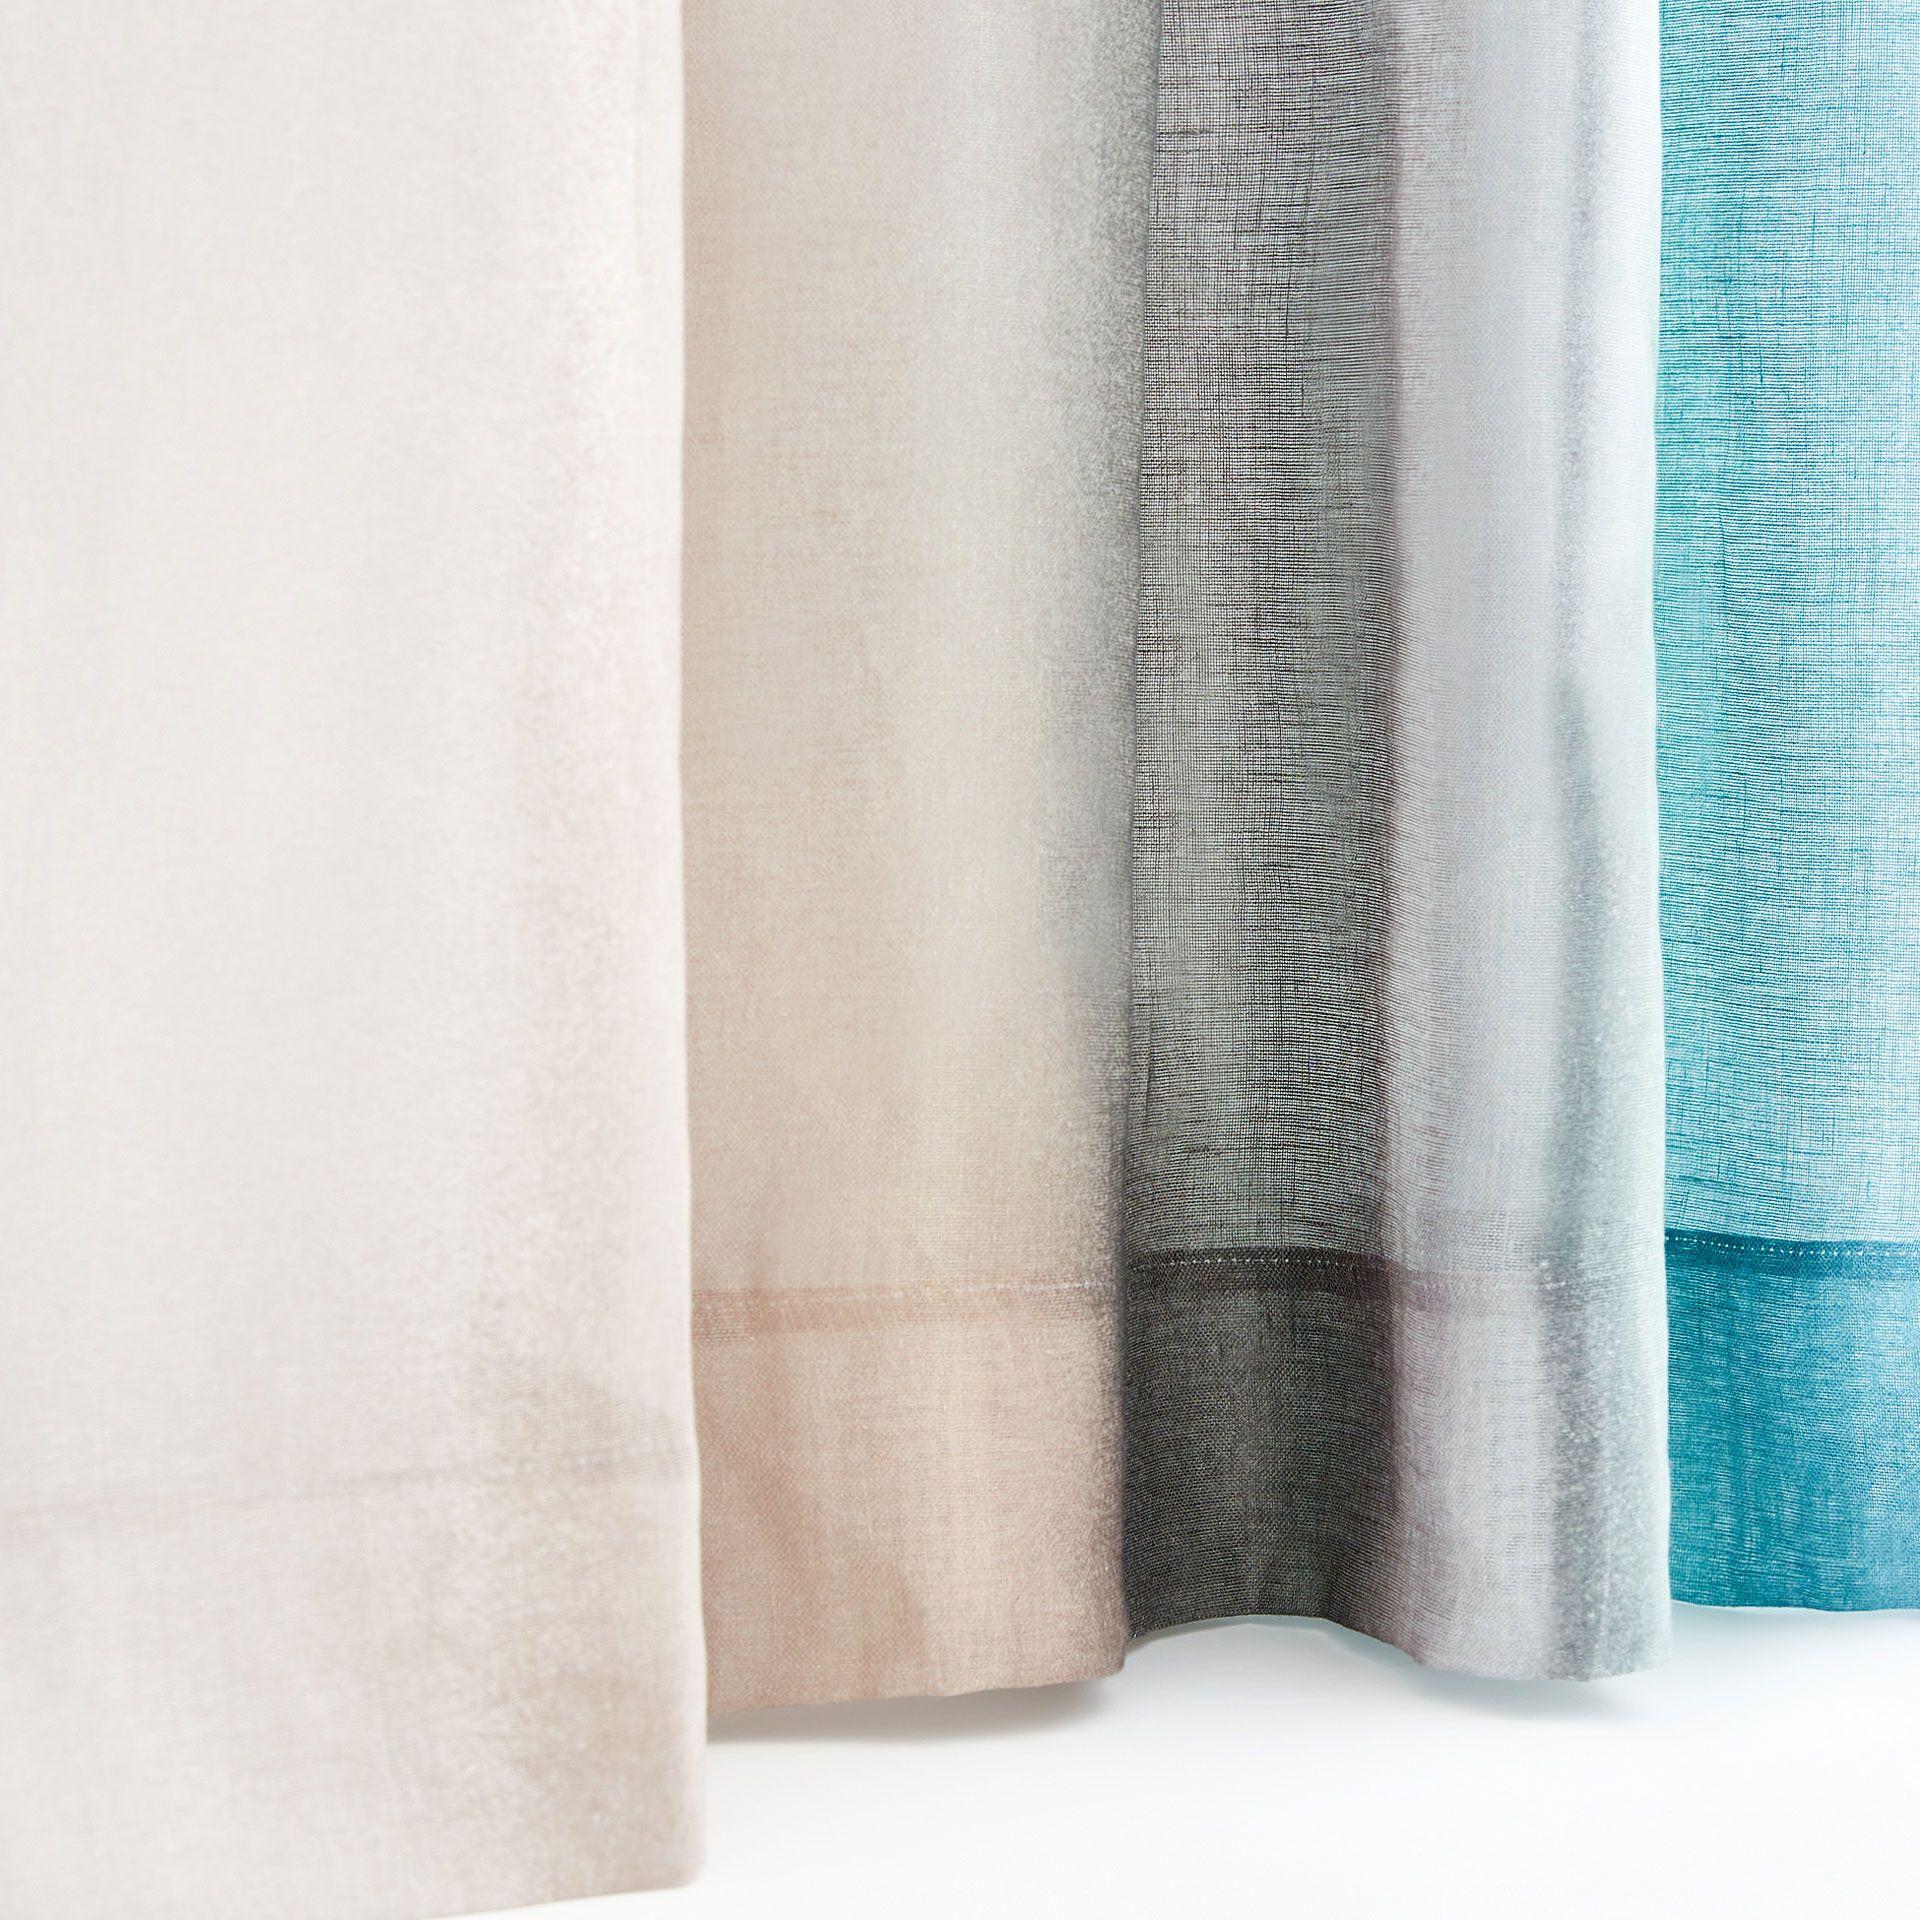 Zdjecie Nr 1 Produktu Lniana Zaslona Textiles Towel